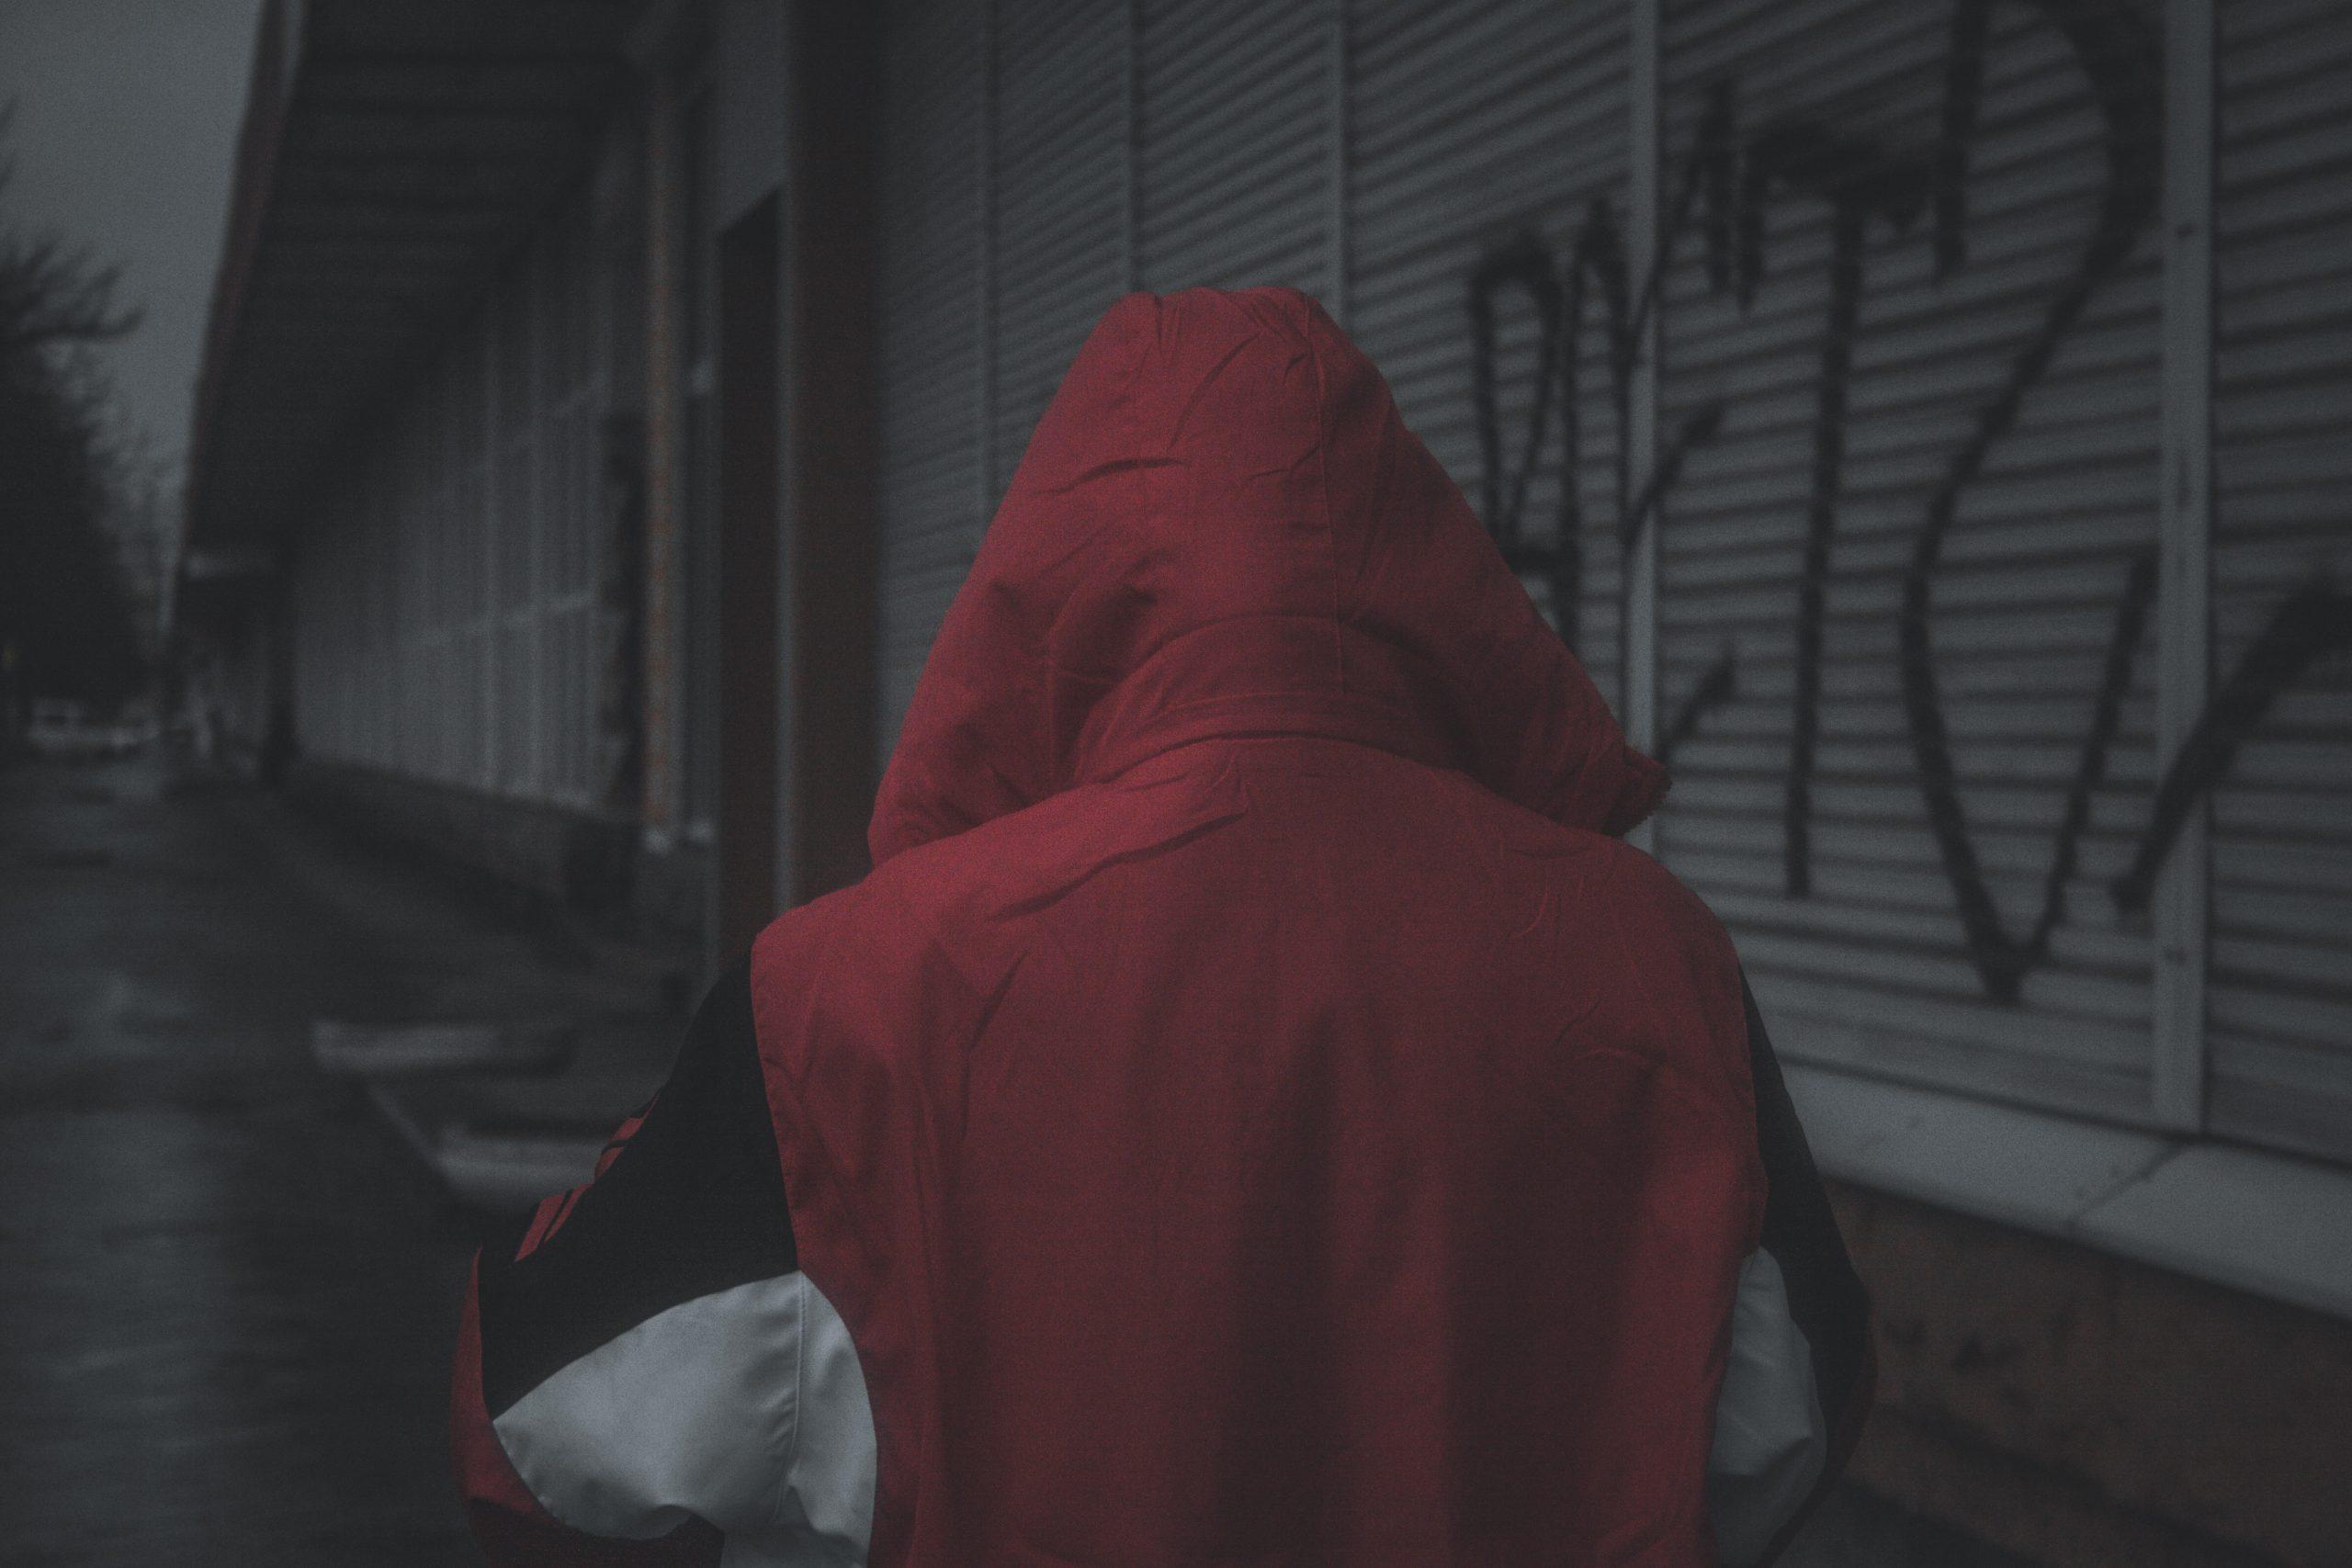 het verband tussen zakkenrollerij en mensenhandel